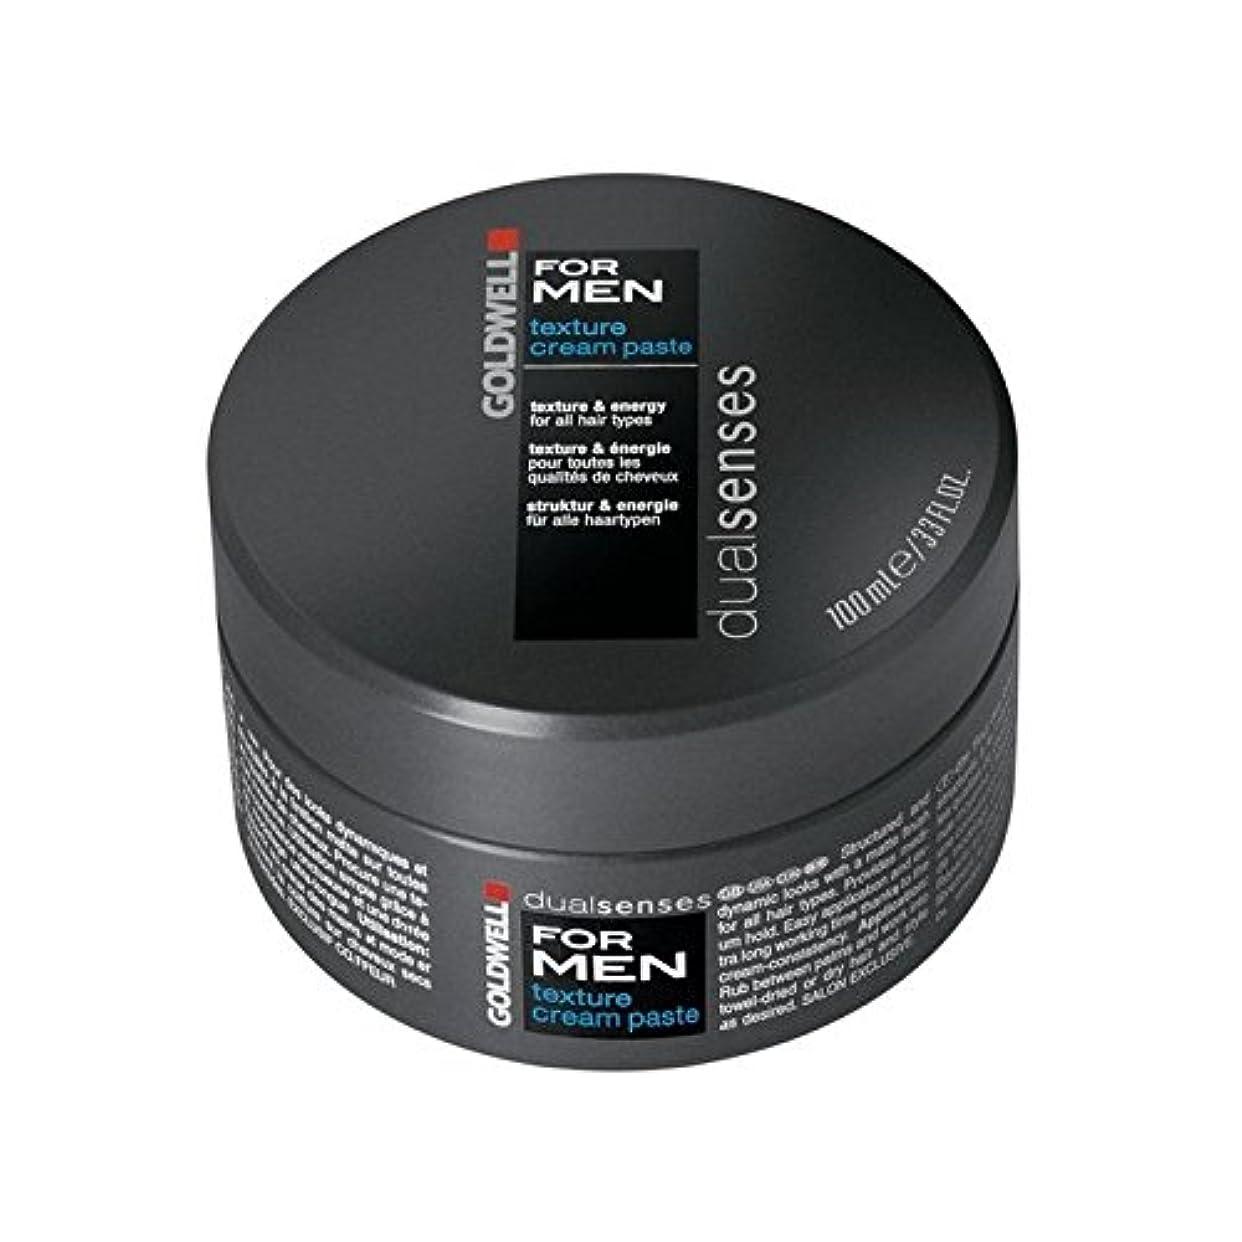 二十構成するサイバースペース男性のテクスチャーのクリームペースト(100ミリリットル)のためのの x4 - Goldwell Dualsenses For Men Texture Cream Paste (100ml) (Pack of 4) [並行輸入品]